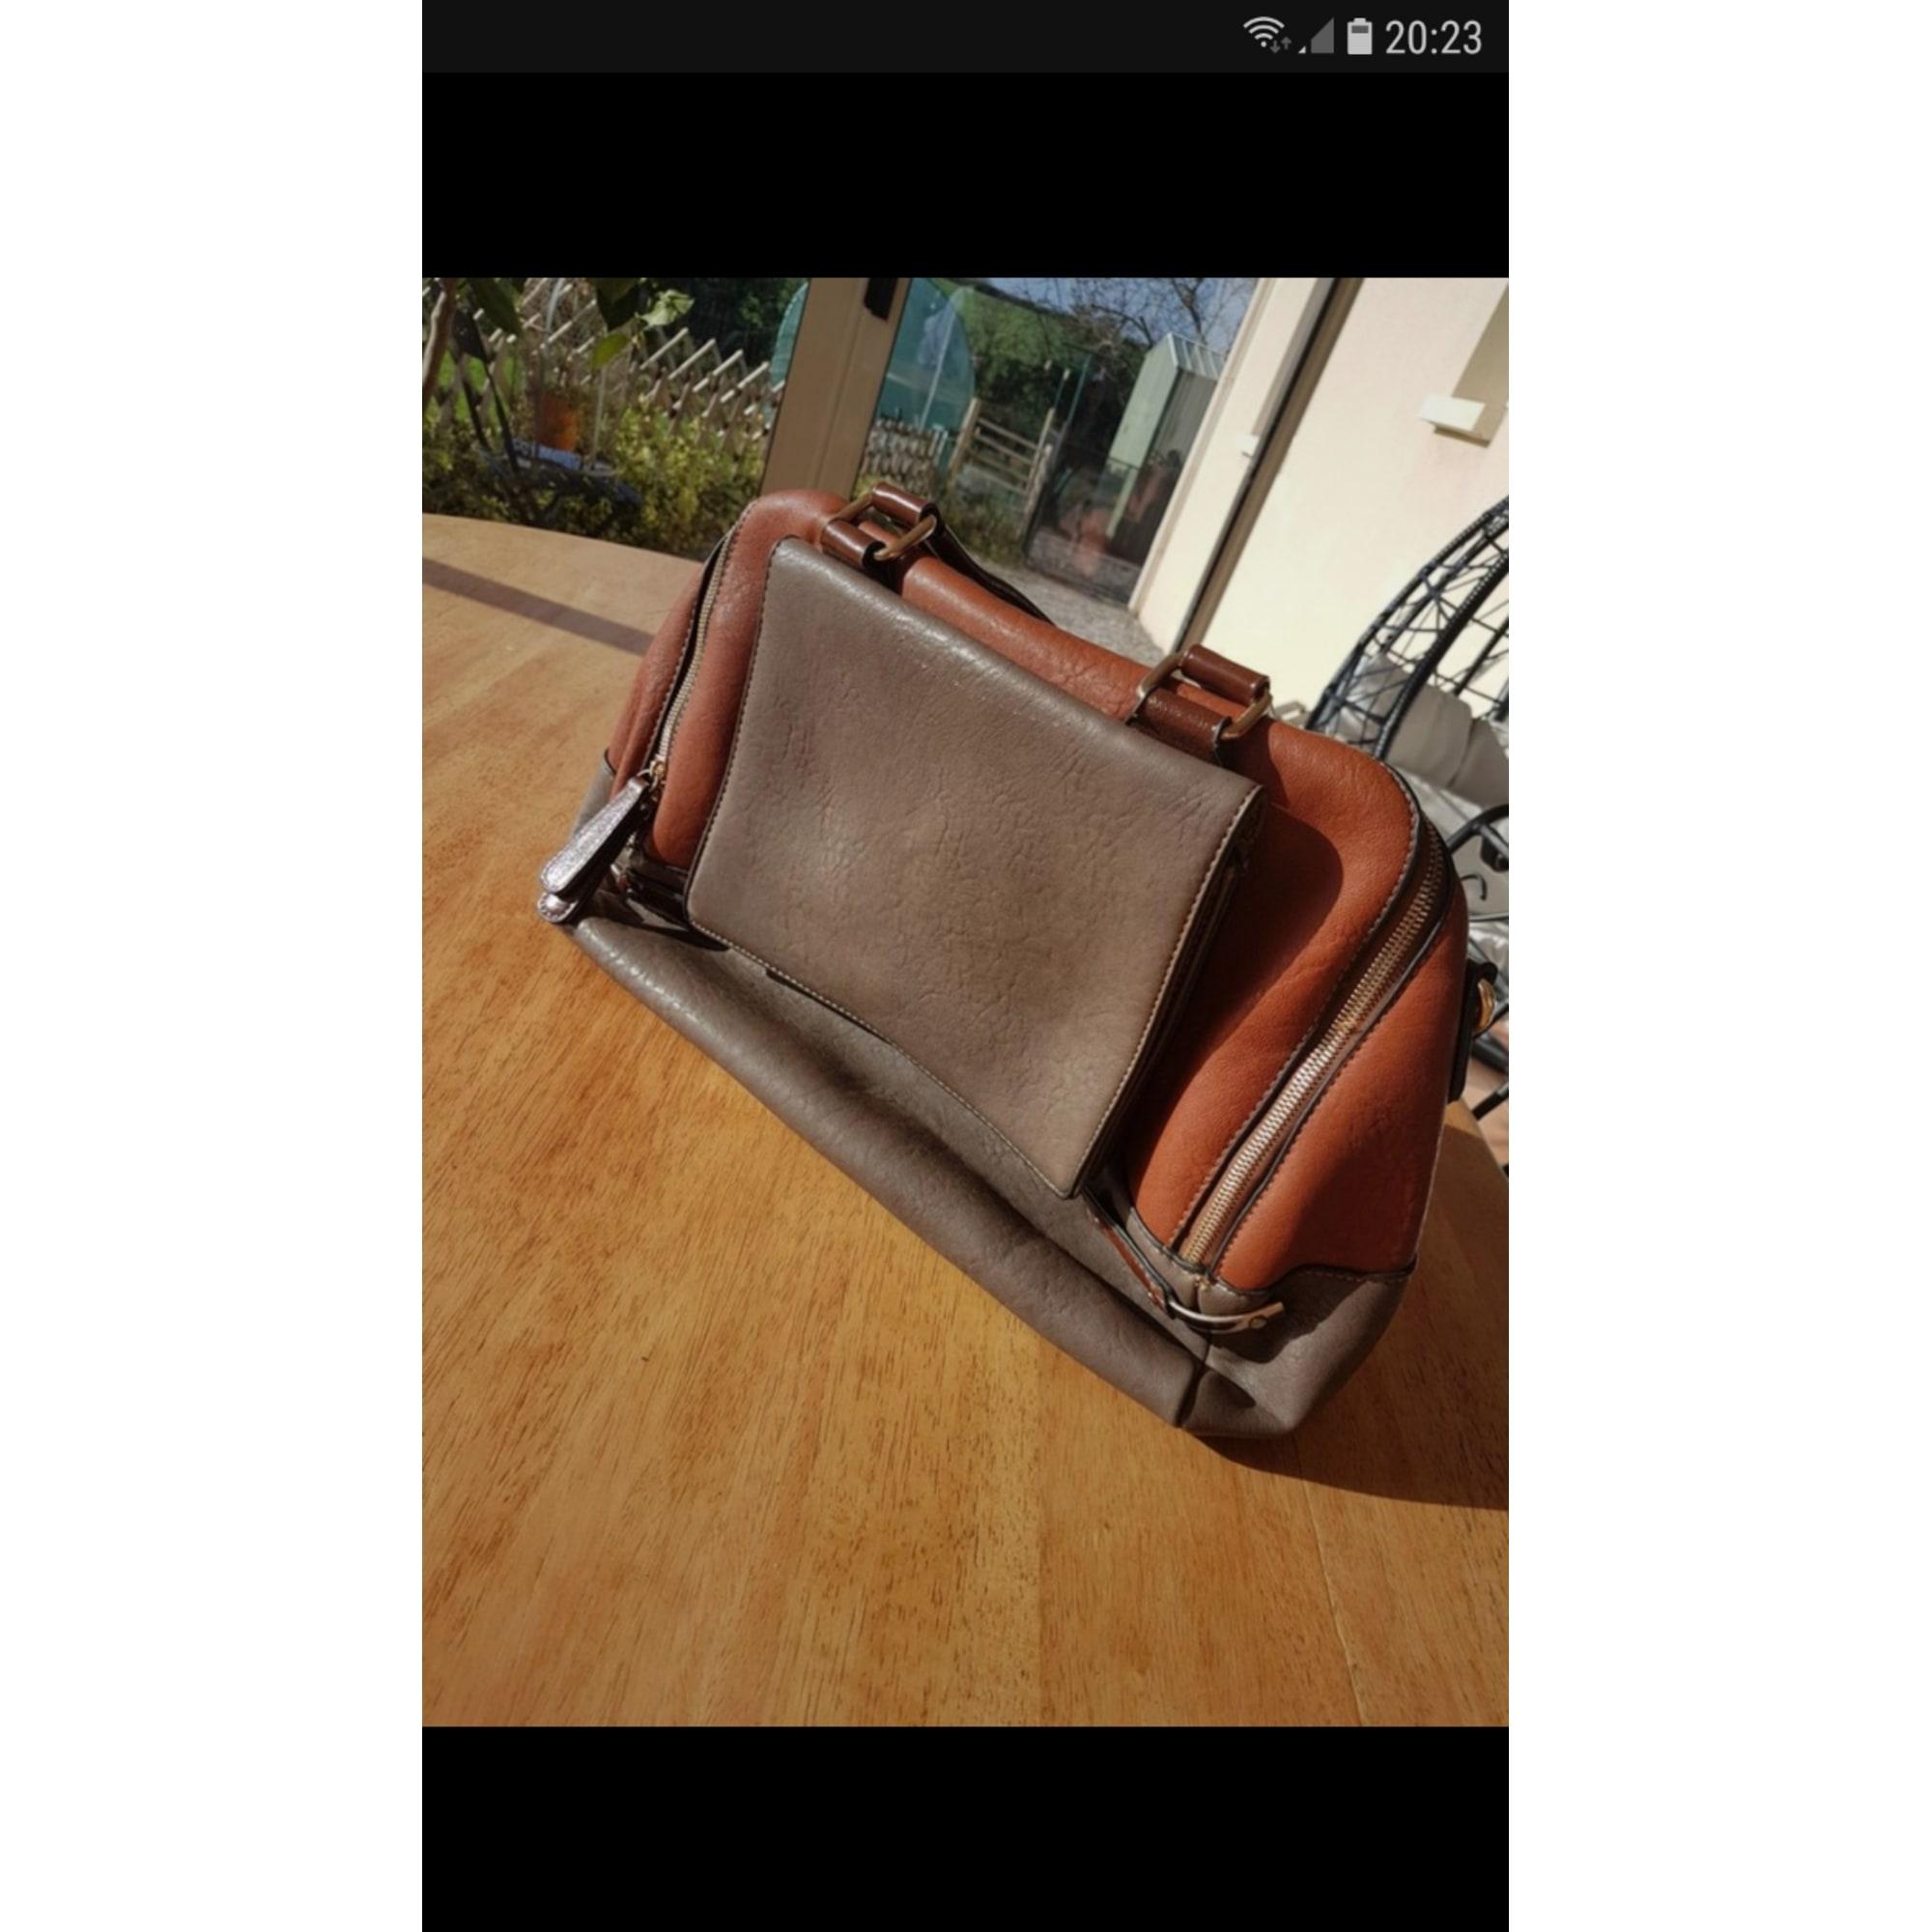 505360a8a9 Sac à main en cuir LANGRAND marron - 8553730